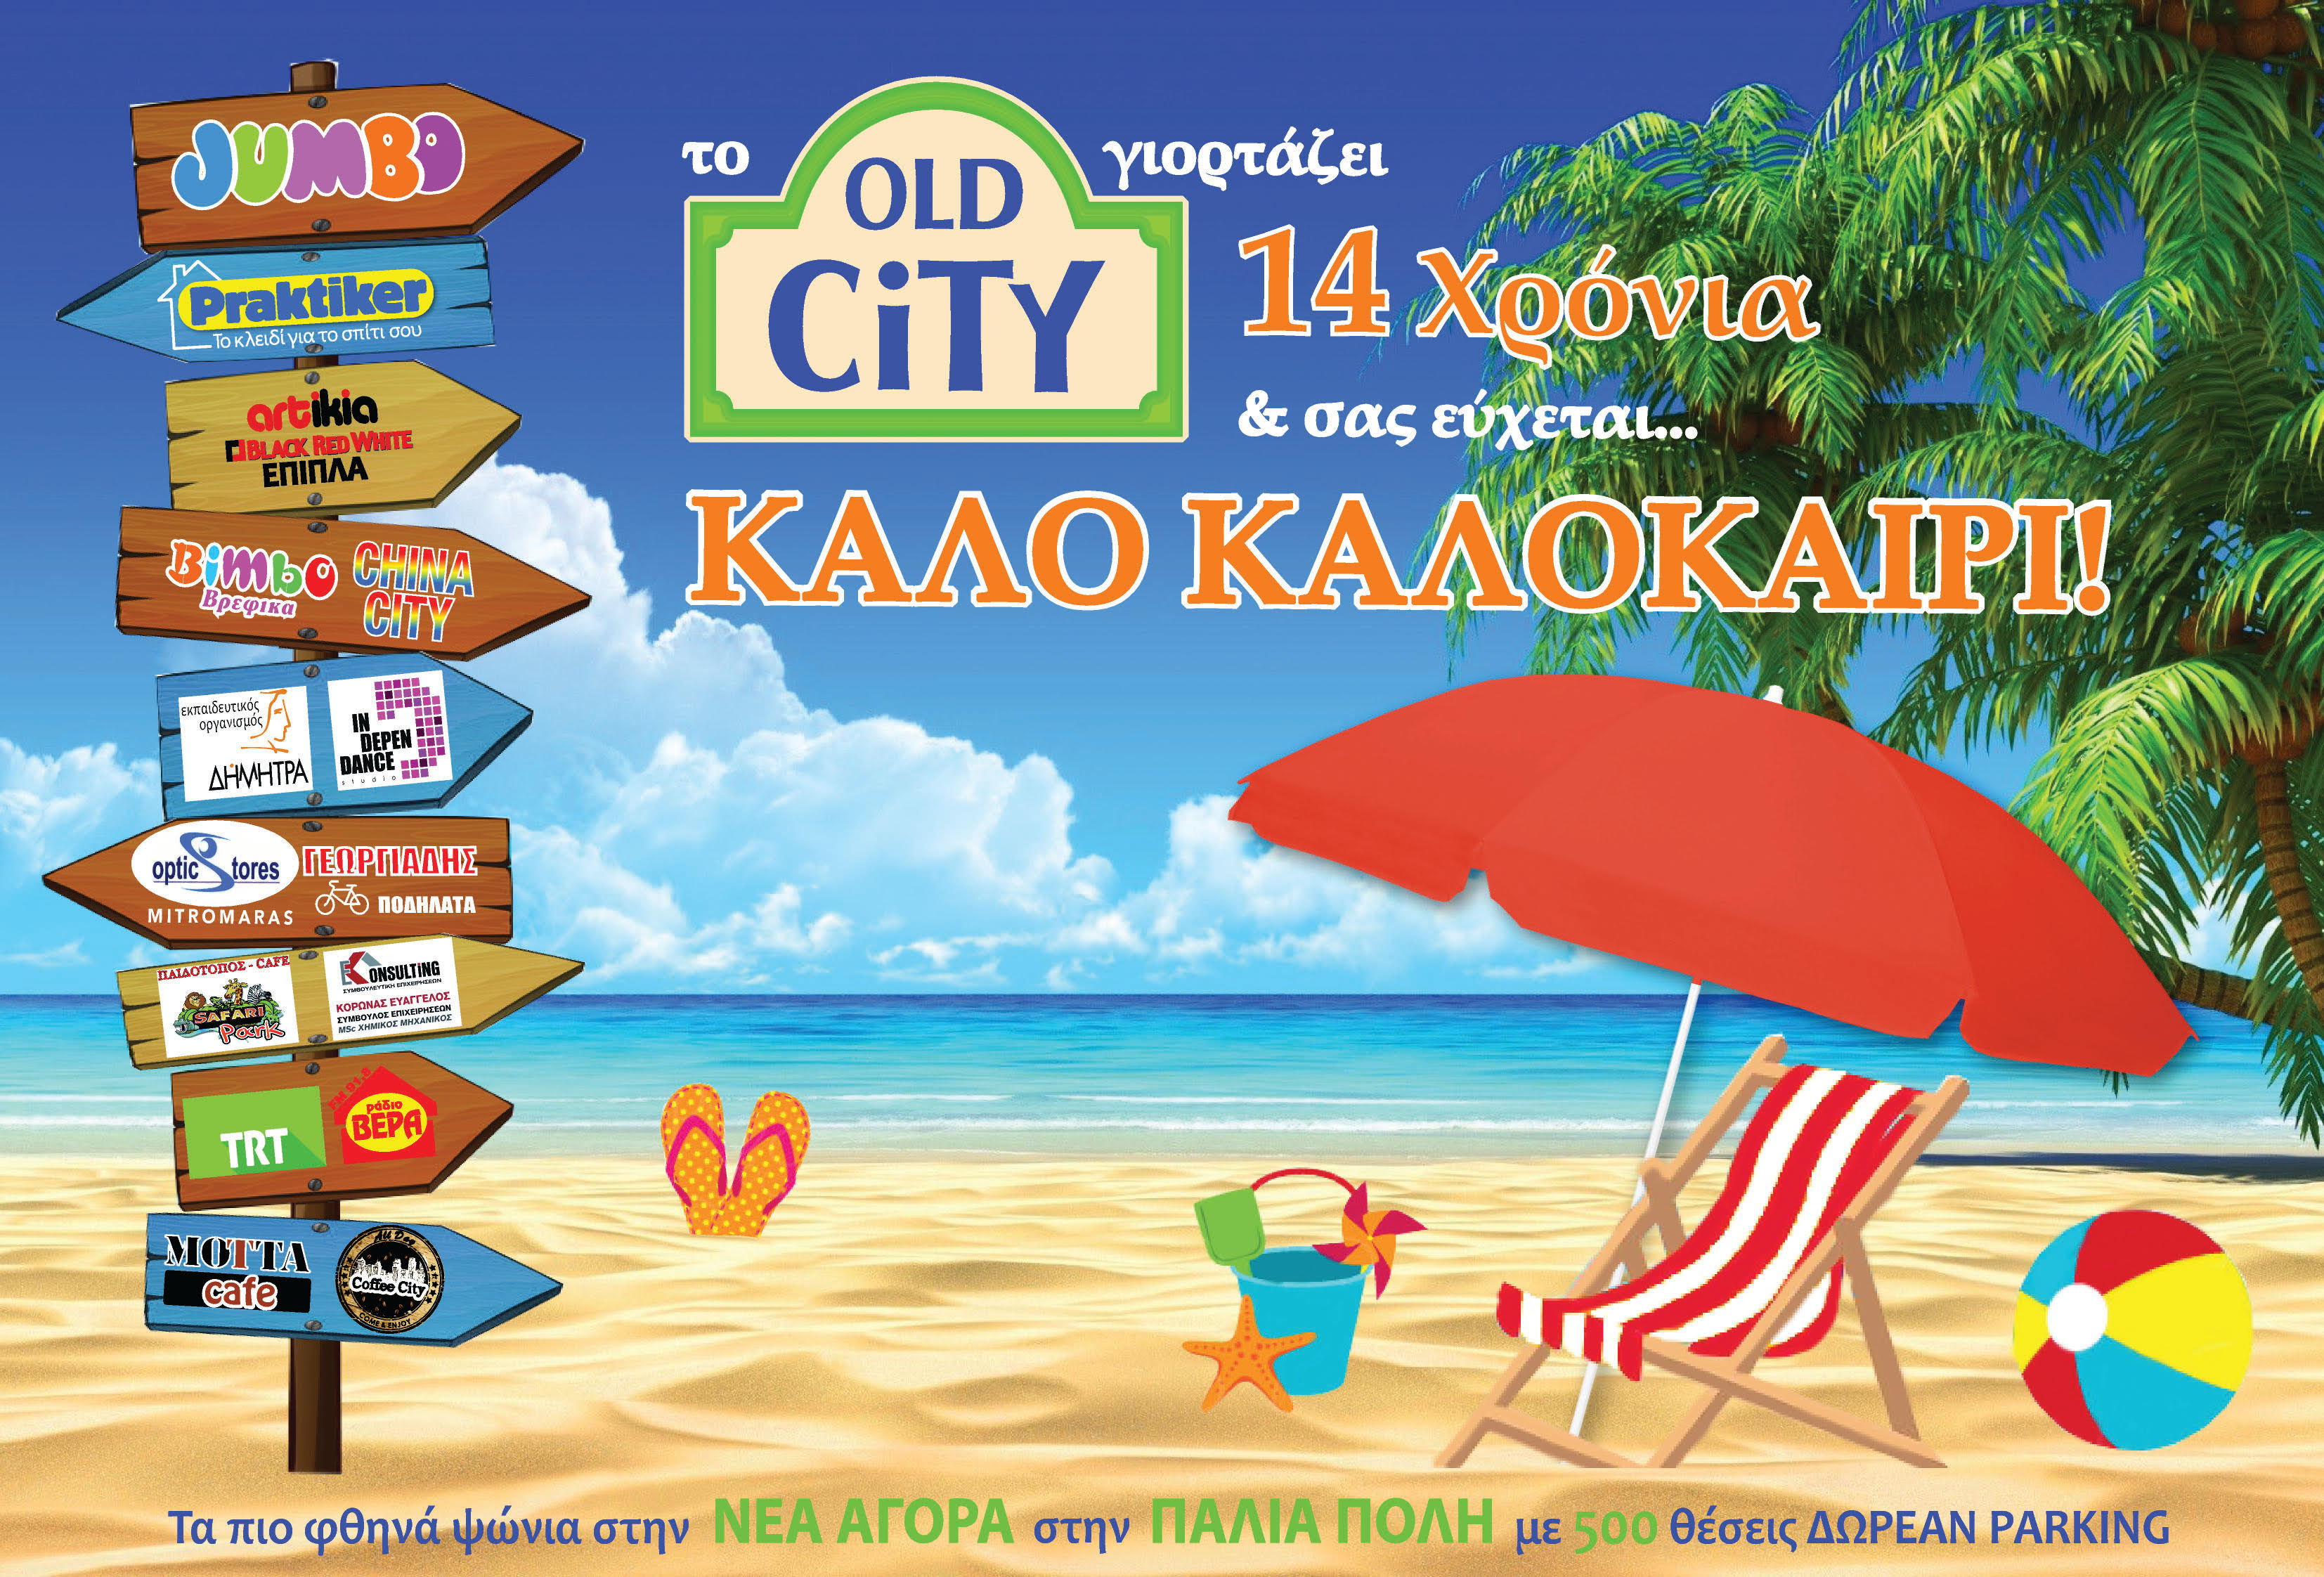 Το OLD CITY γιορτάζει 14 χρόνια και σας εύχεται.. Καλό Καλοκαίρι!